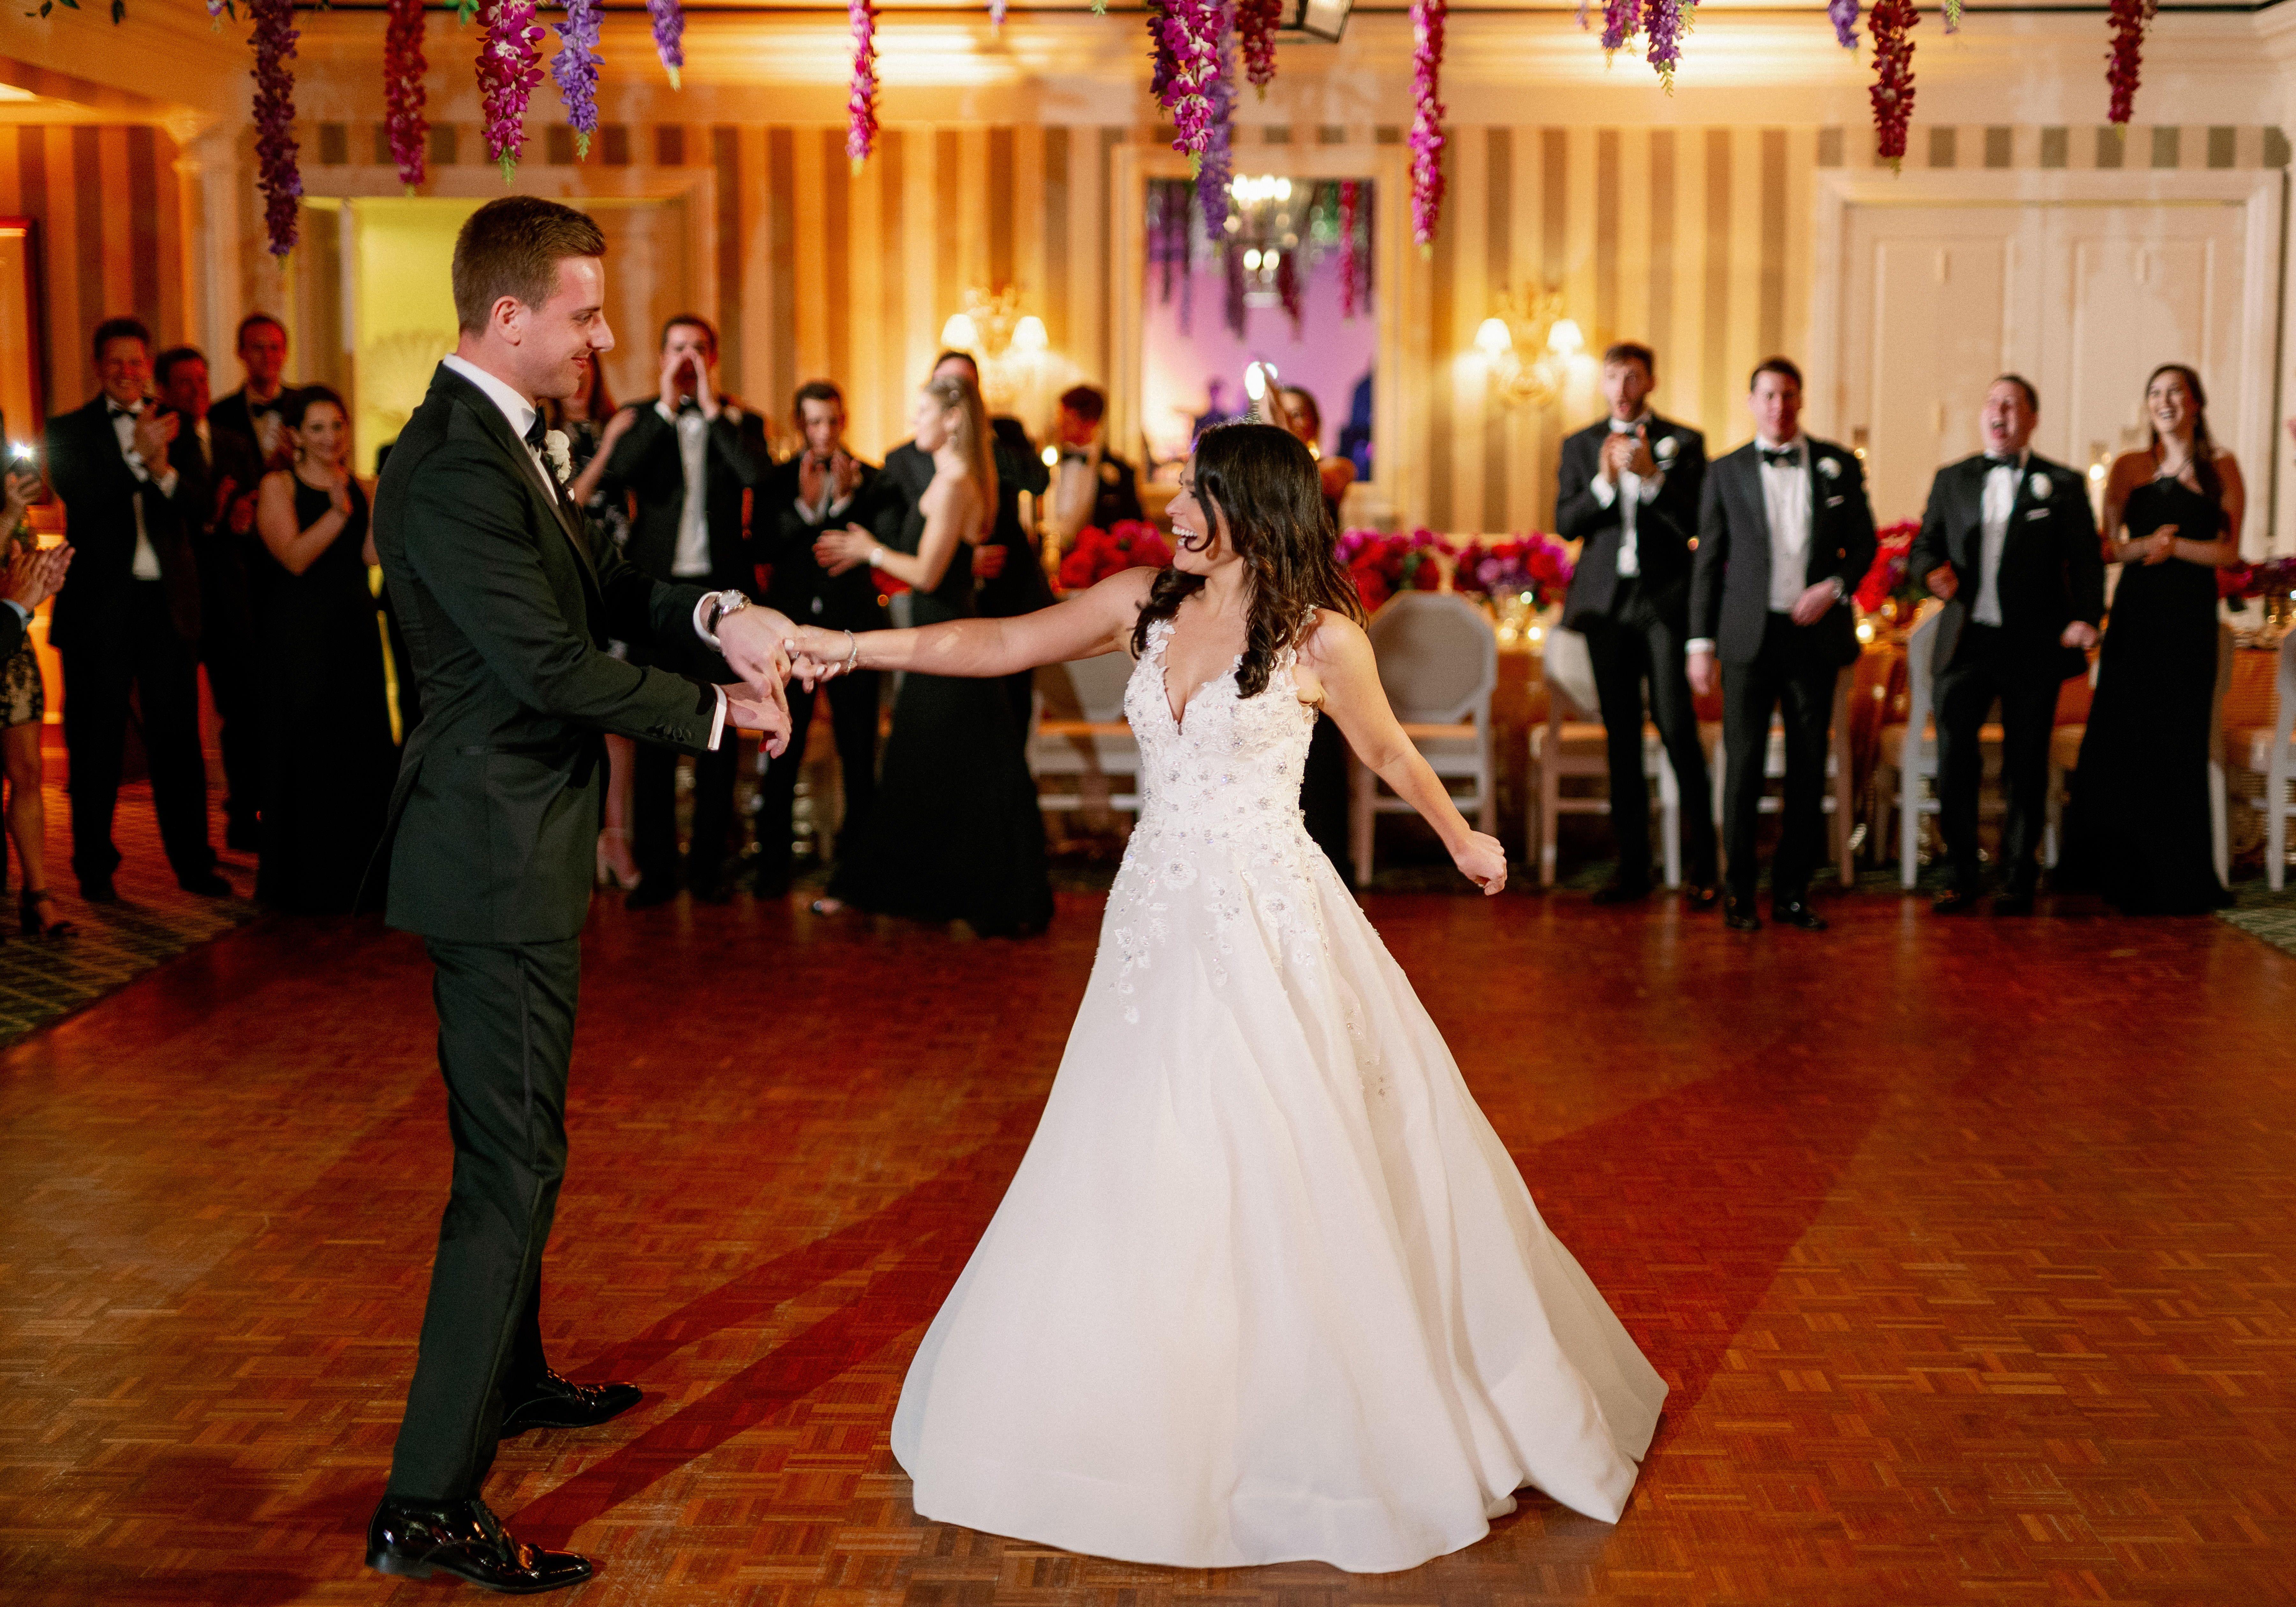 First Dance Photo In 2020 First Dance Photos Destination Wedding Wedding Planner